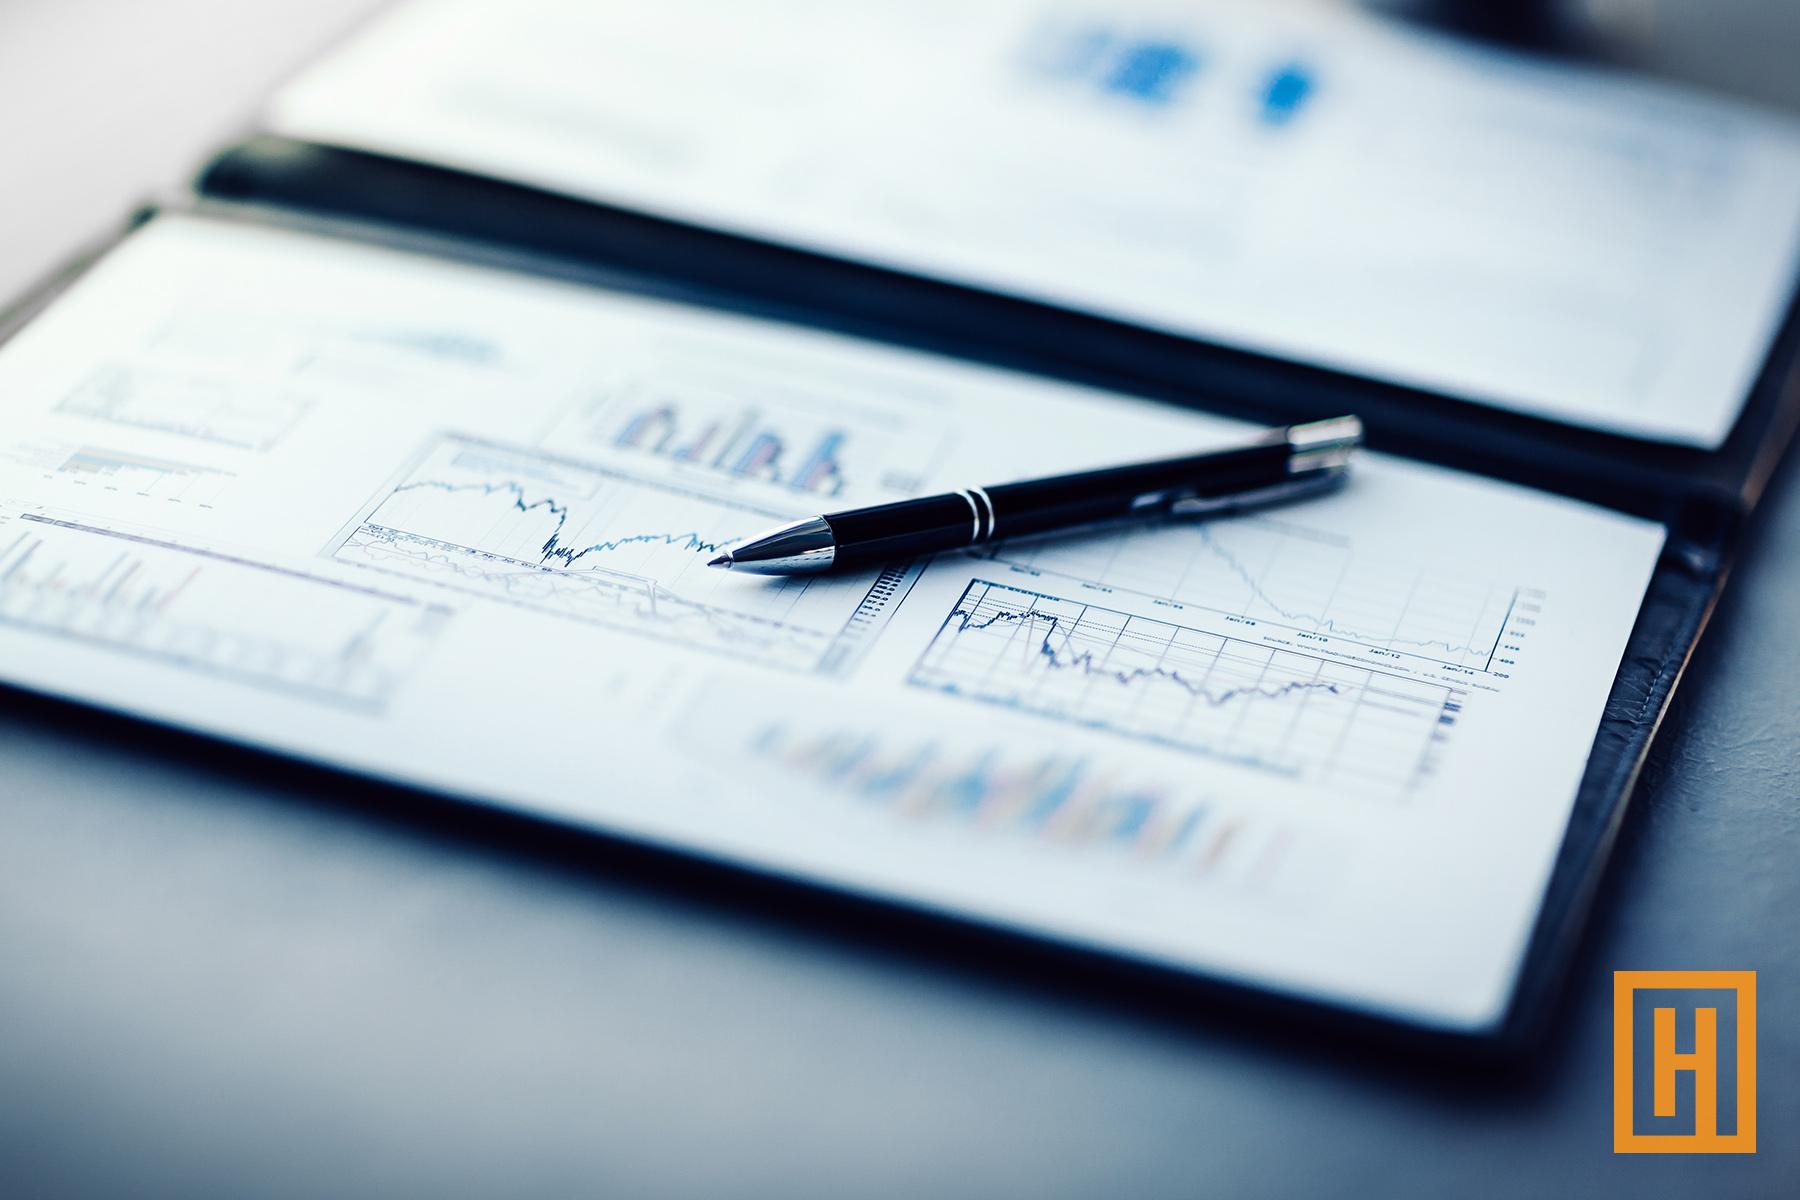 Hilton Capital Management: Investment Management Boutique